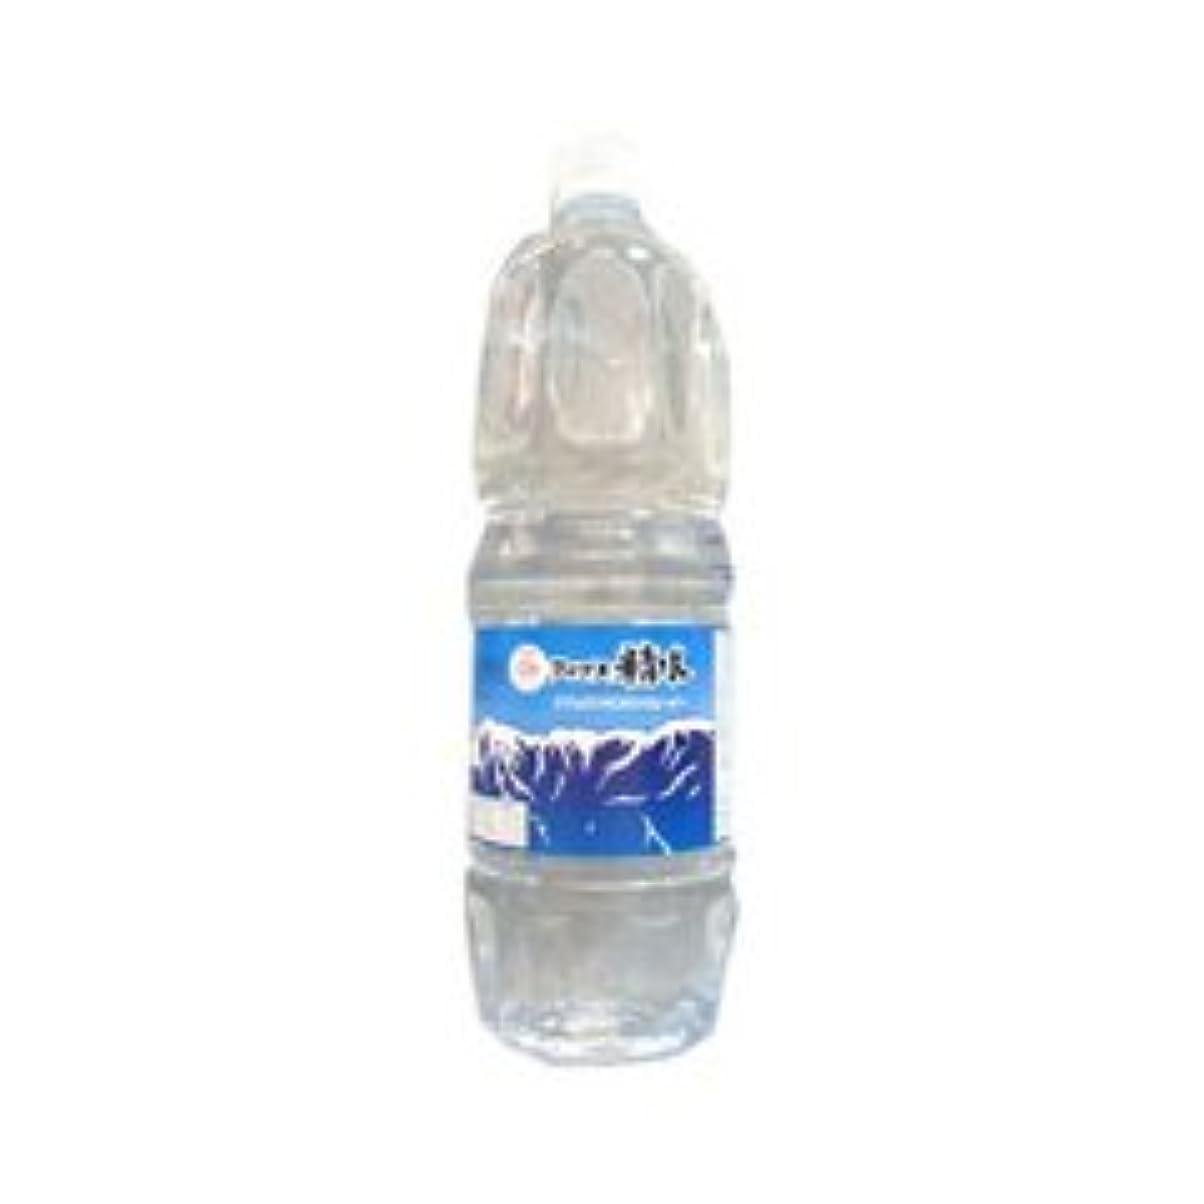 やめる侵入する動員する【五洲薬品】アルプス精水 1500ml ペットボトル 10本セット